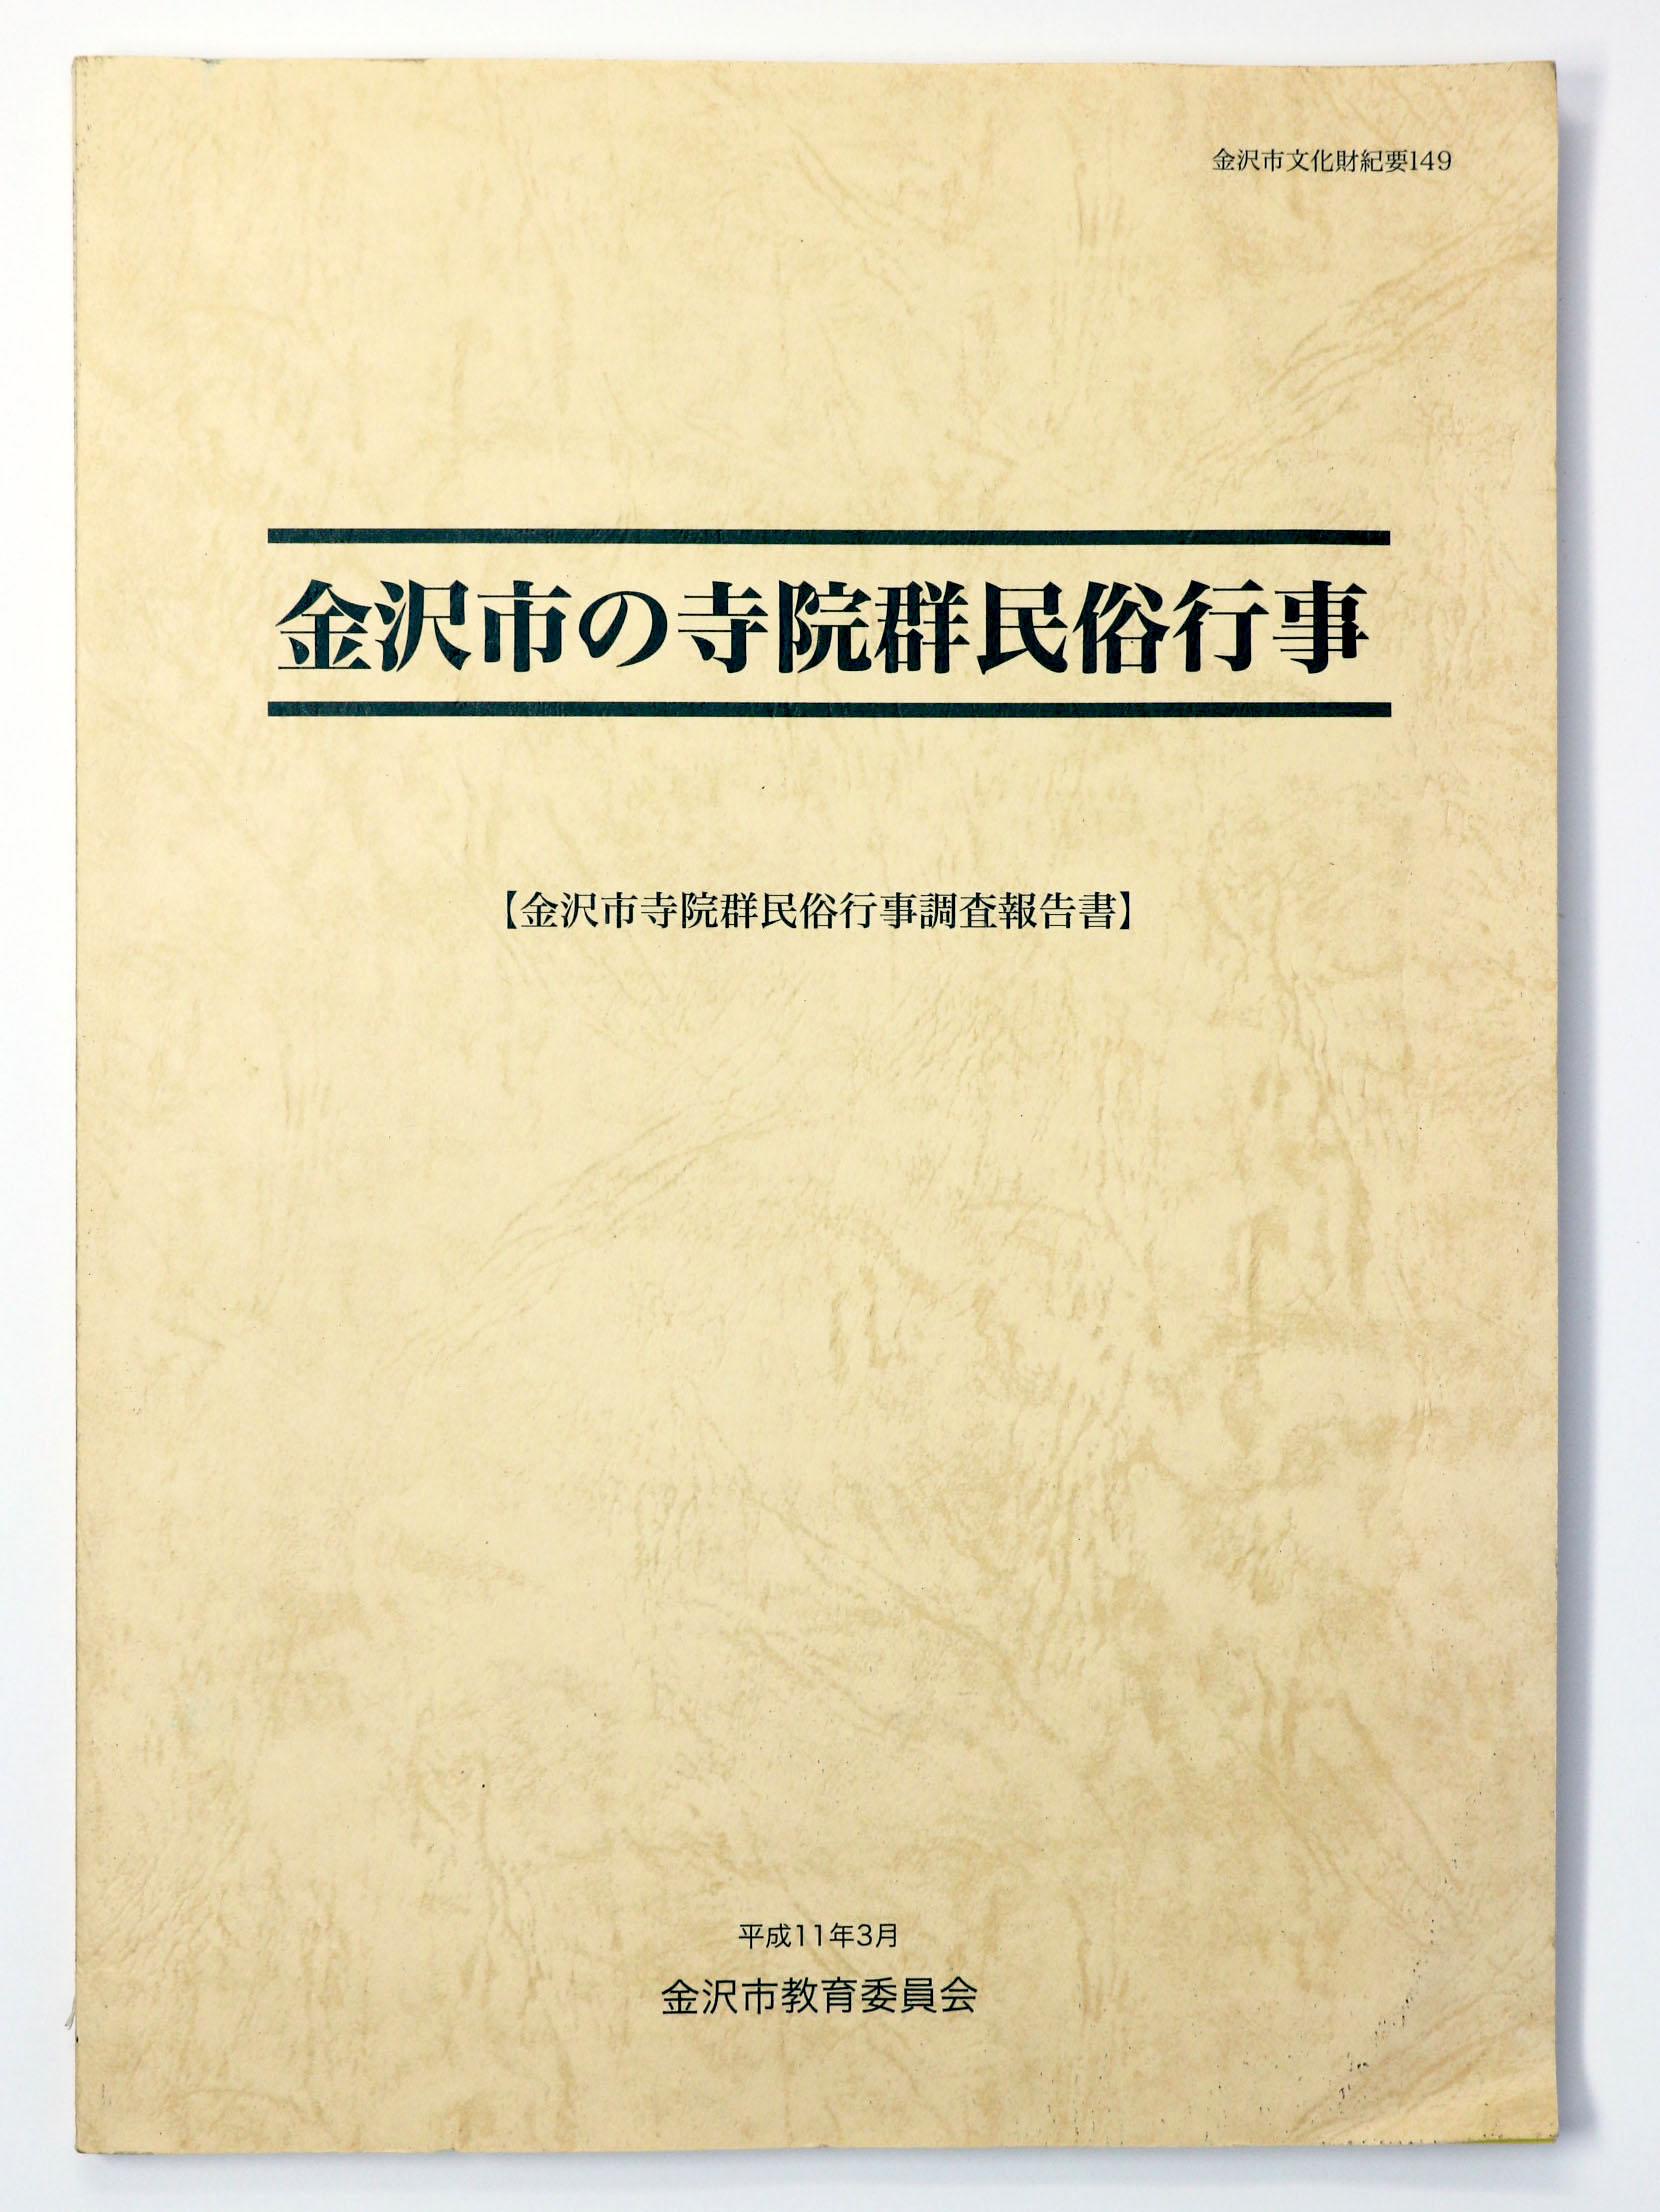 金沢市の寺院群民俗行事 金沢市の寺院群民俗行事調査報告書 金沢市文化財紀要149